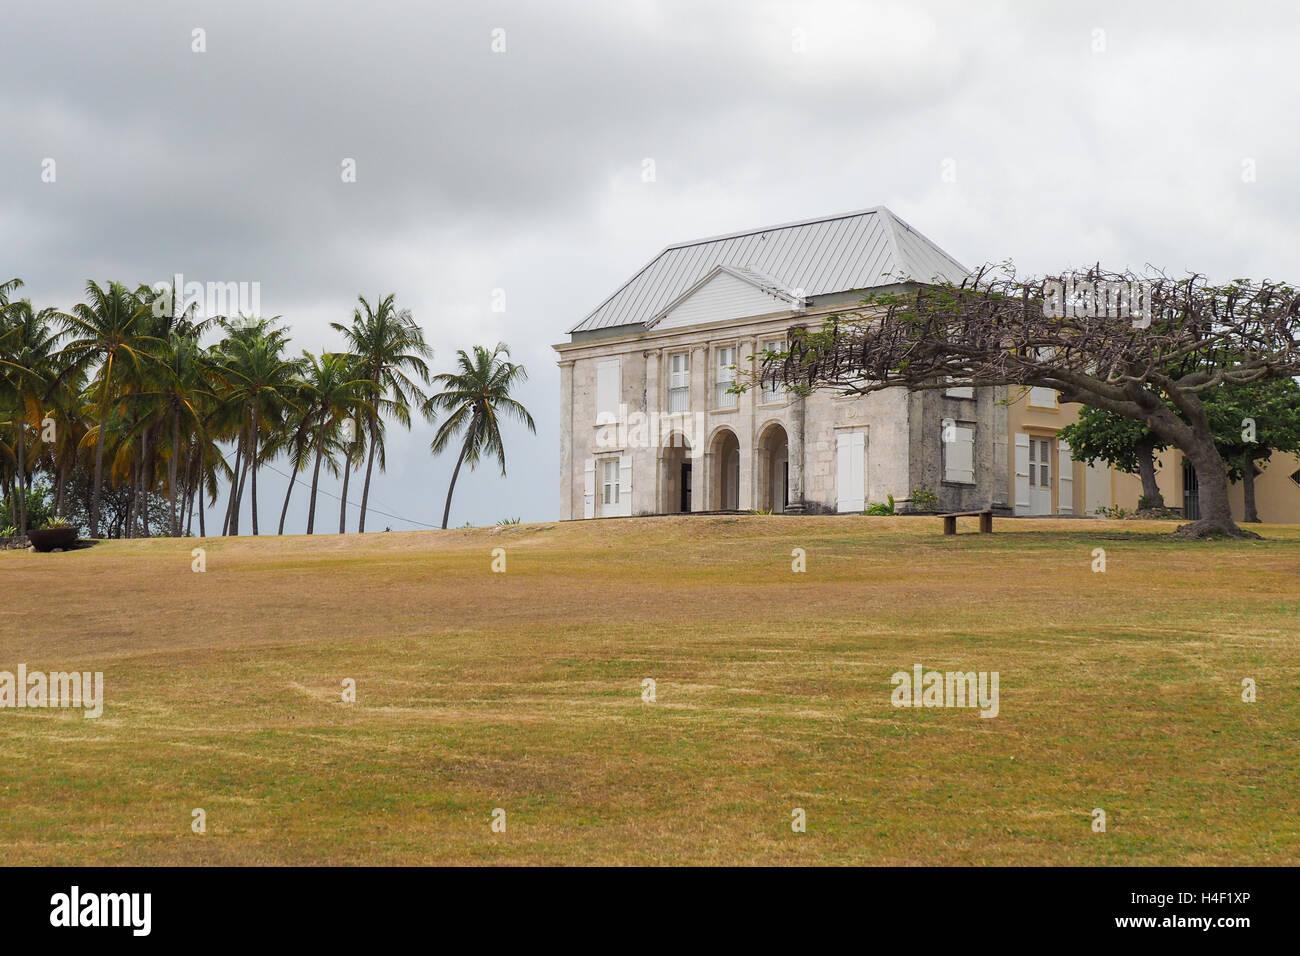 La facciata della dimora murat e il giardino di Marie Galante, antica casa degli schiavi e la fabbrica di zucchero Immagini Stock